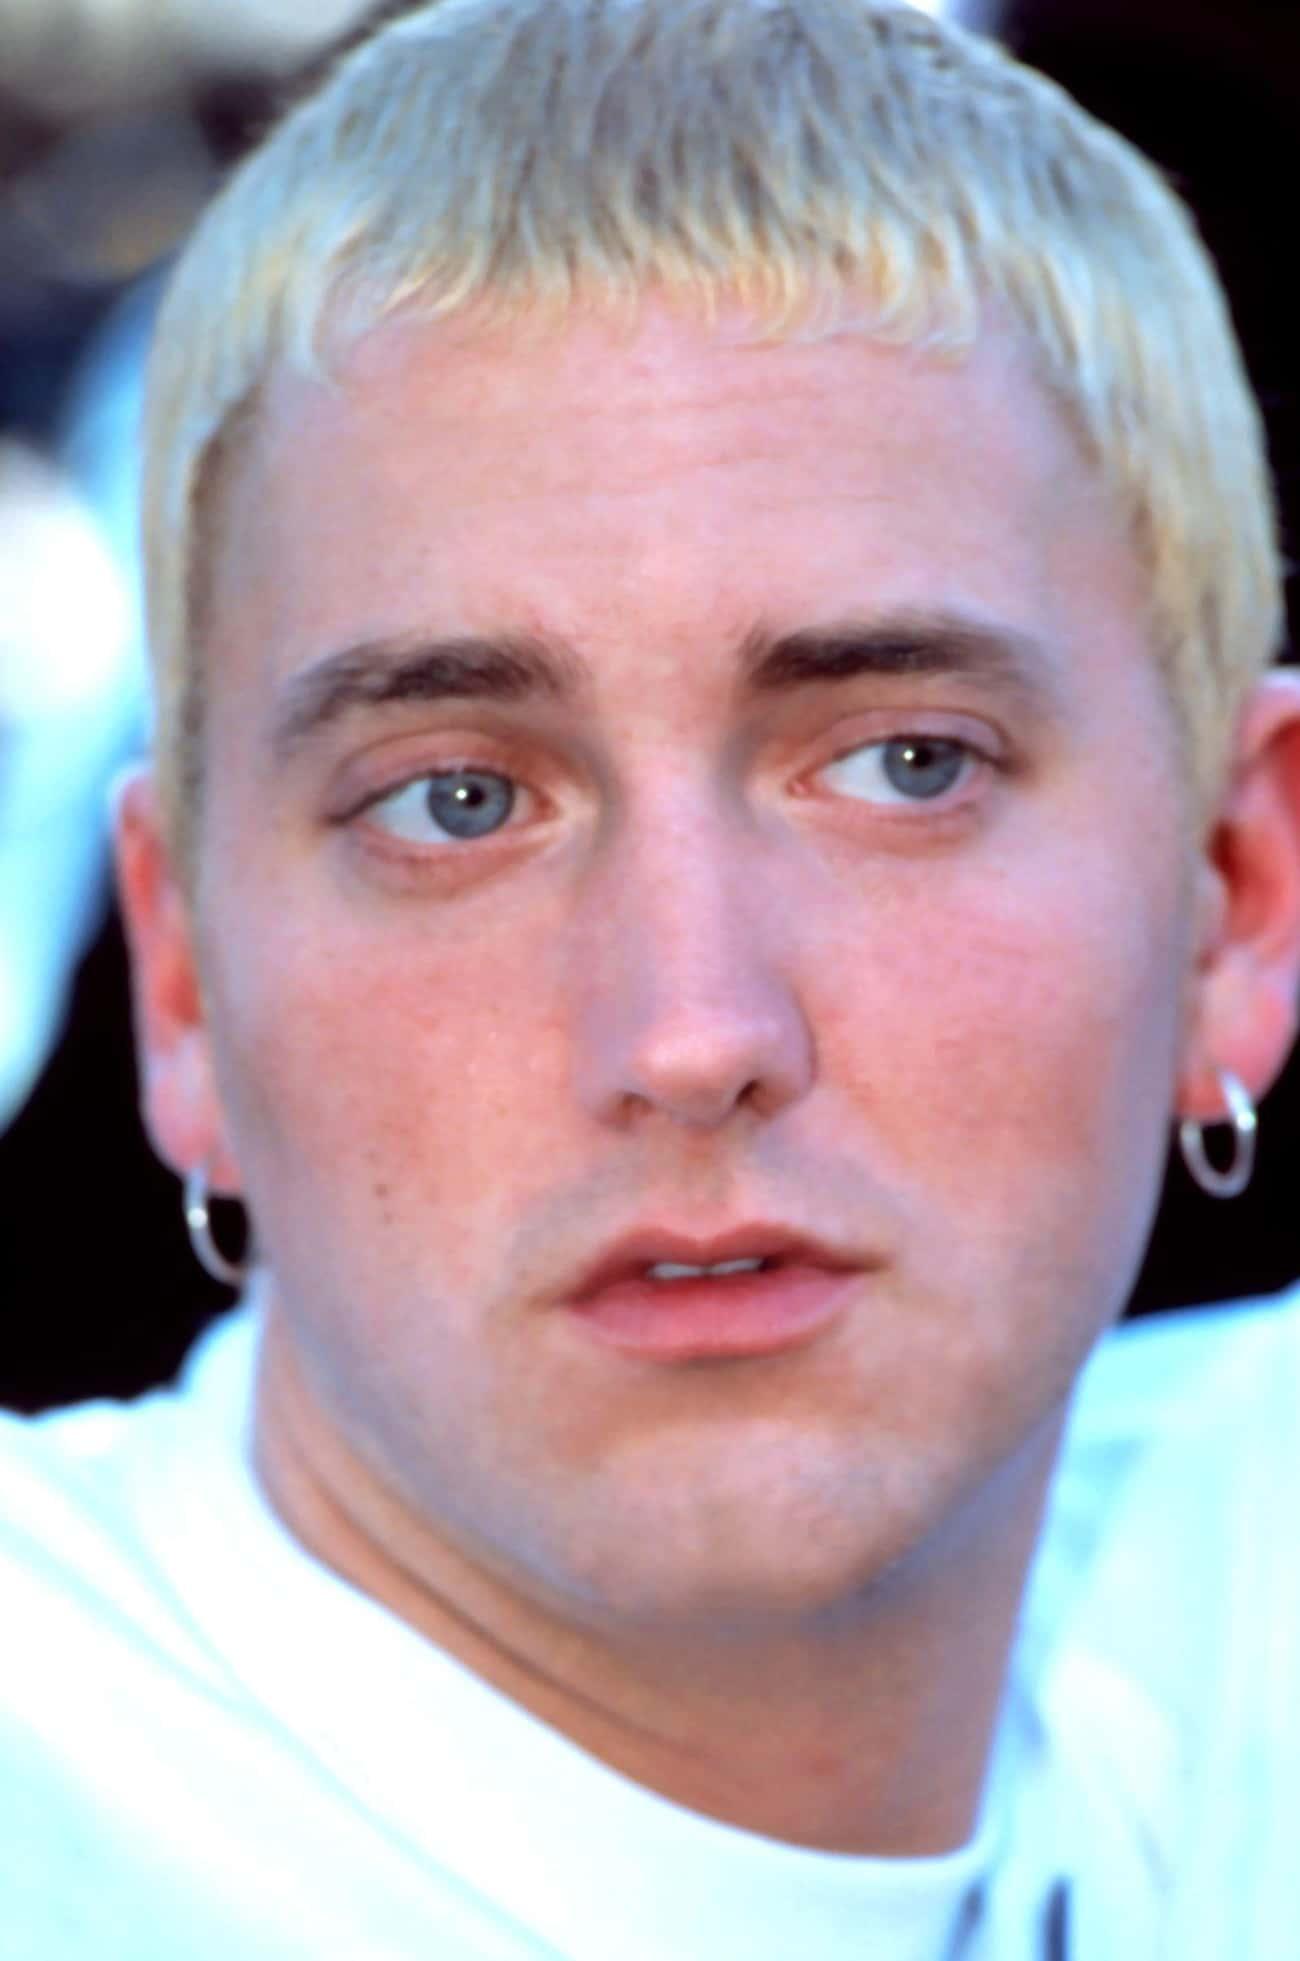 1988: Eminem And Kim Meet